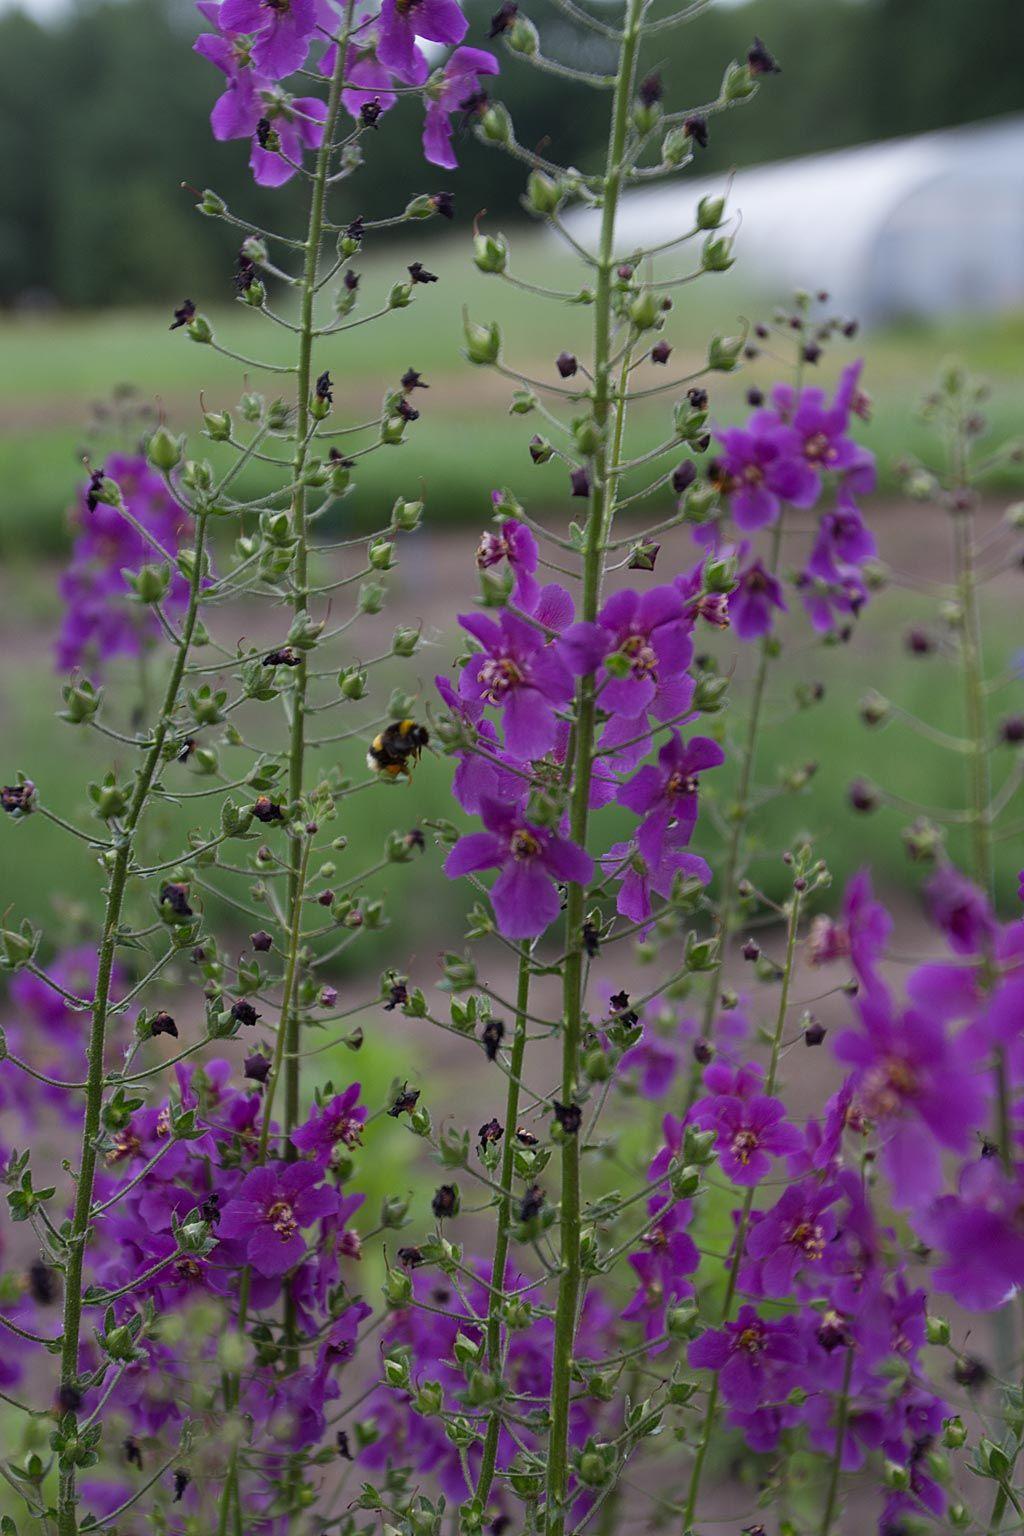 Violkungsljus 'violetta' (Verbascum phoeniceum) Ljuvligt violkungsljus som blommar med intensivt mörka purpurvioletta blommor i långa, vackra spiror.  - Så direkt på växtplatsen.  - Blommar maj-sept. - Flerårig. - Höjd ca 90 cm.